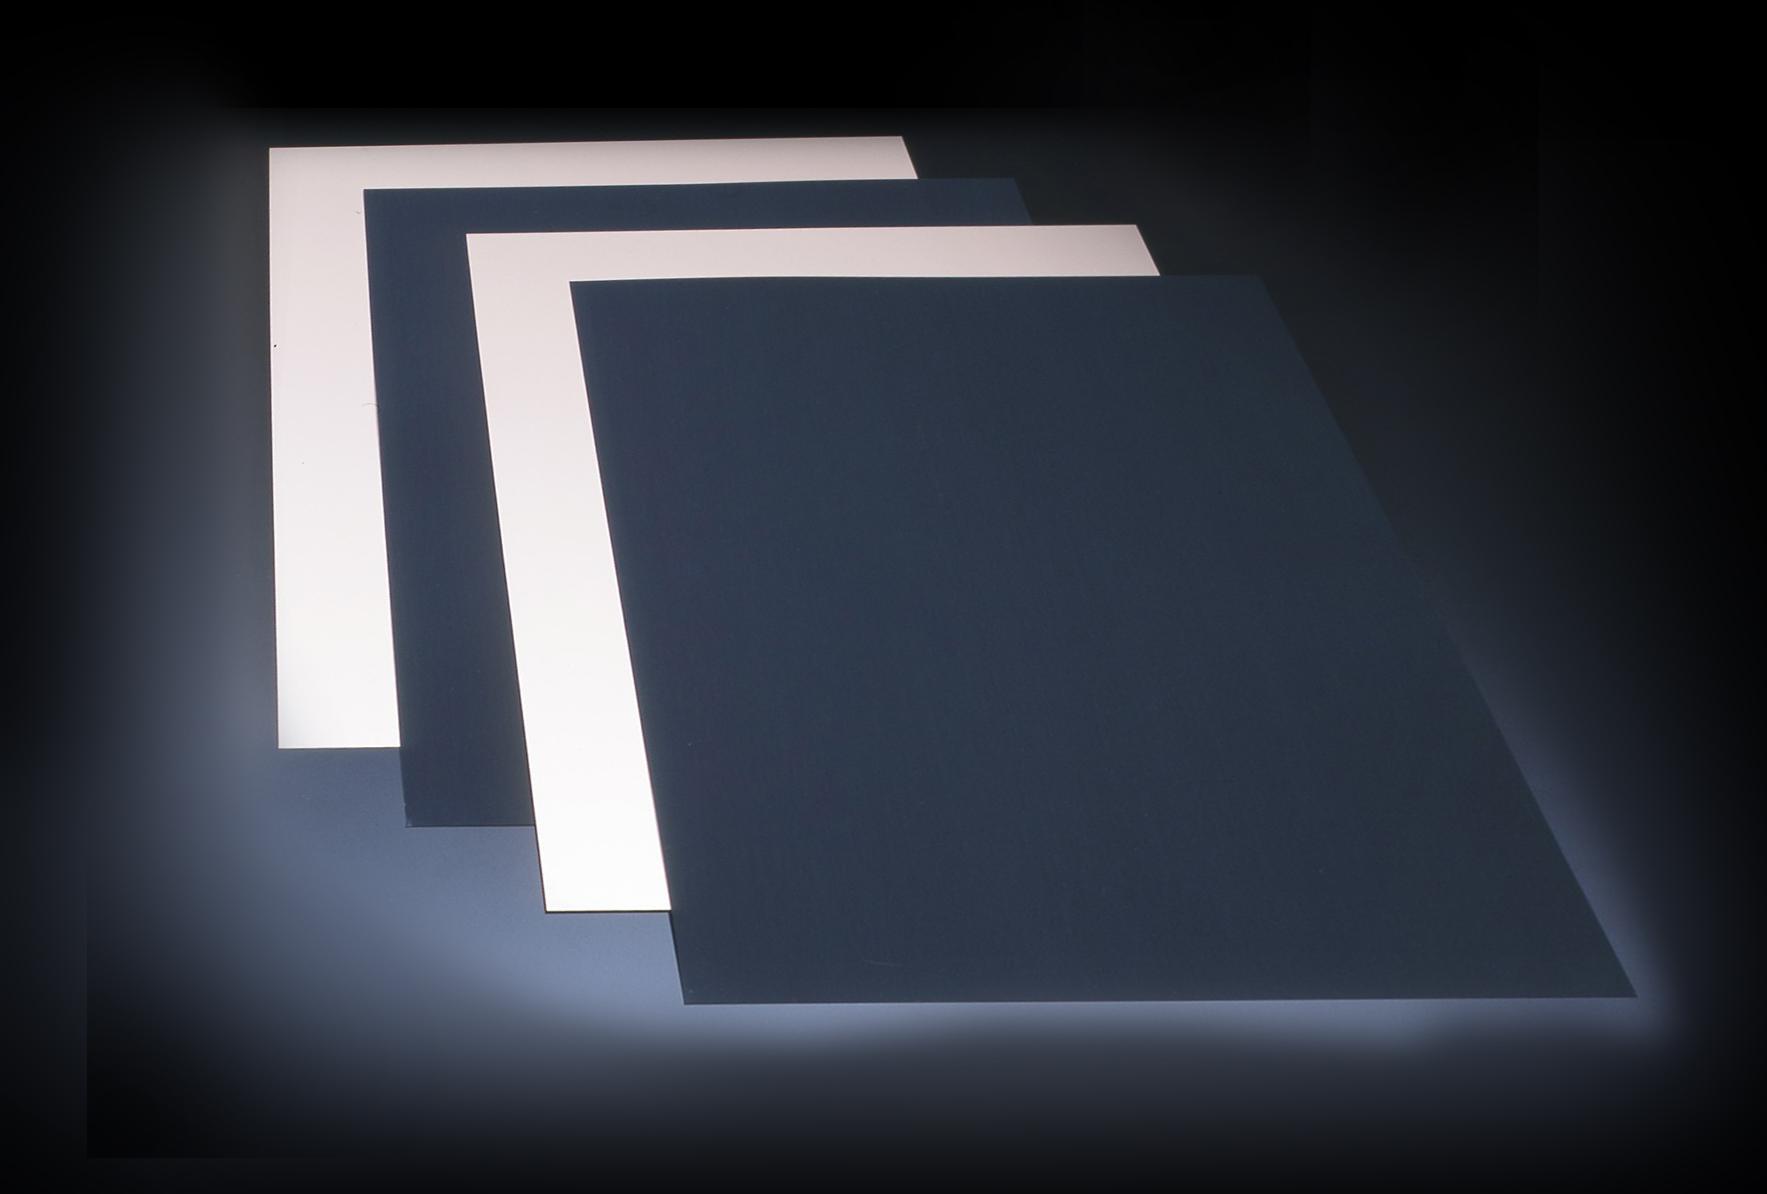 「MEGTRON GXシリーズ(品番:R-1515D/R-1410D)」